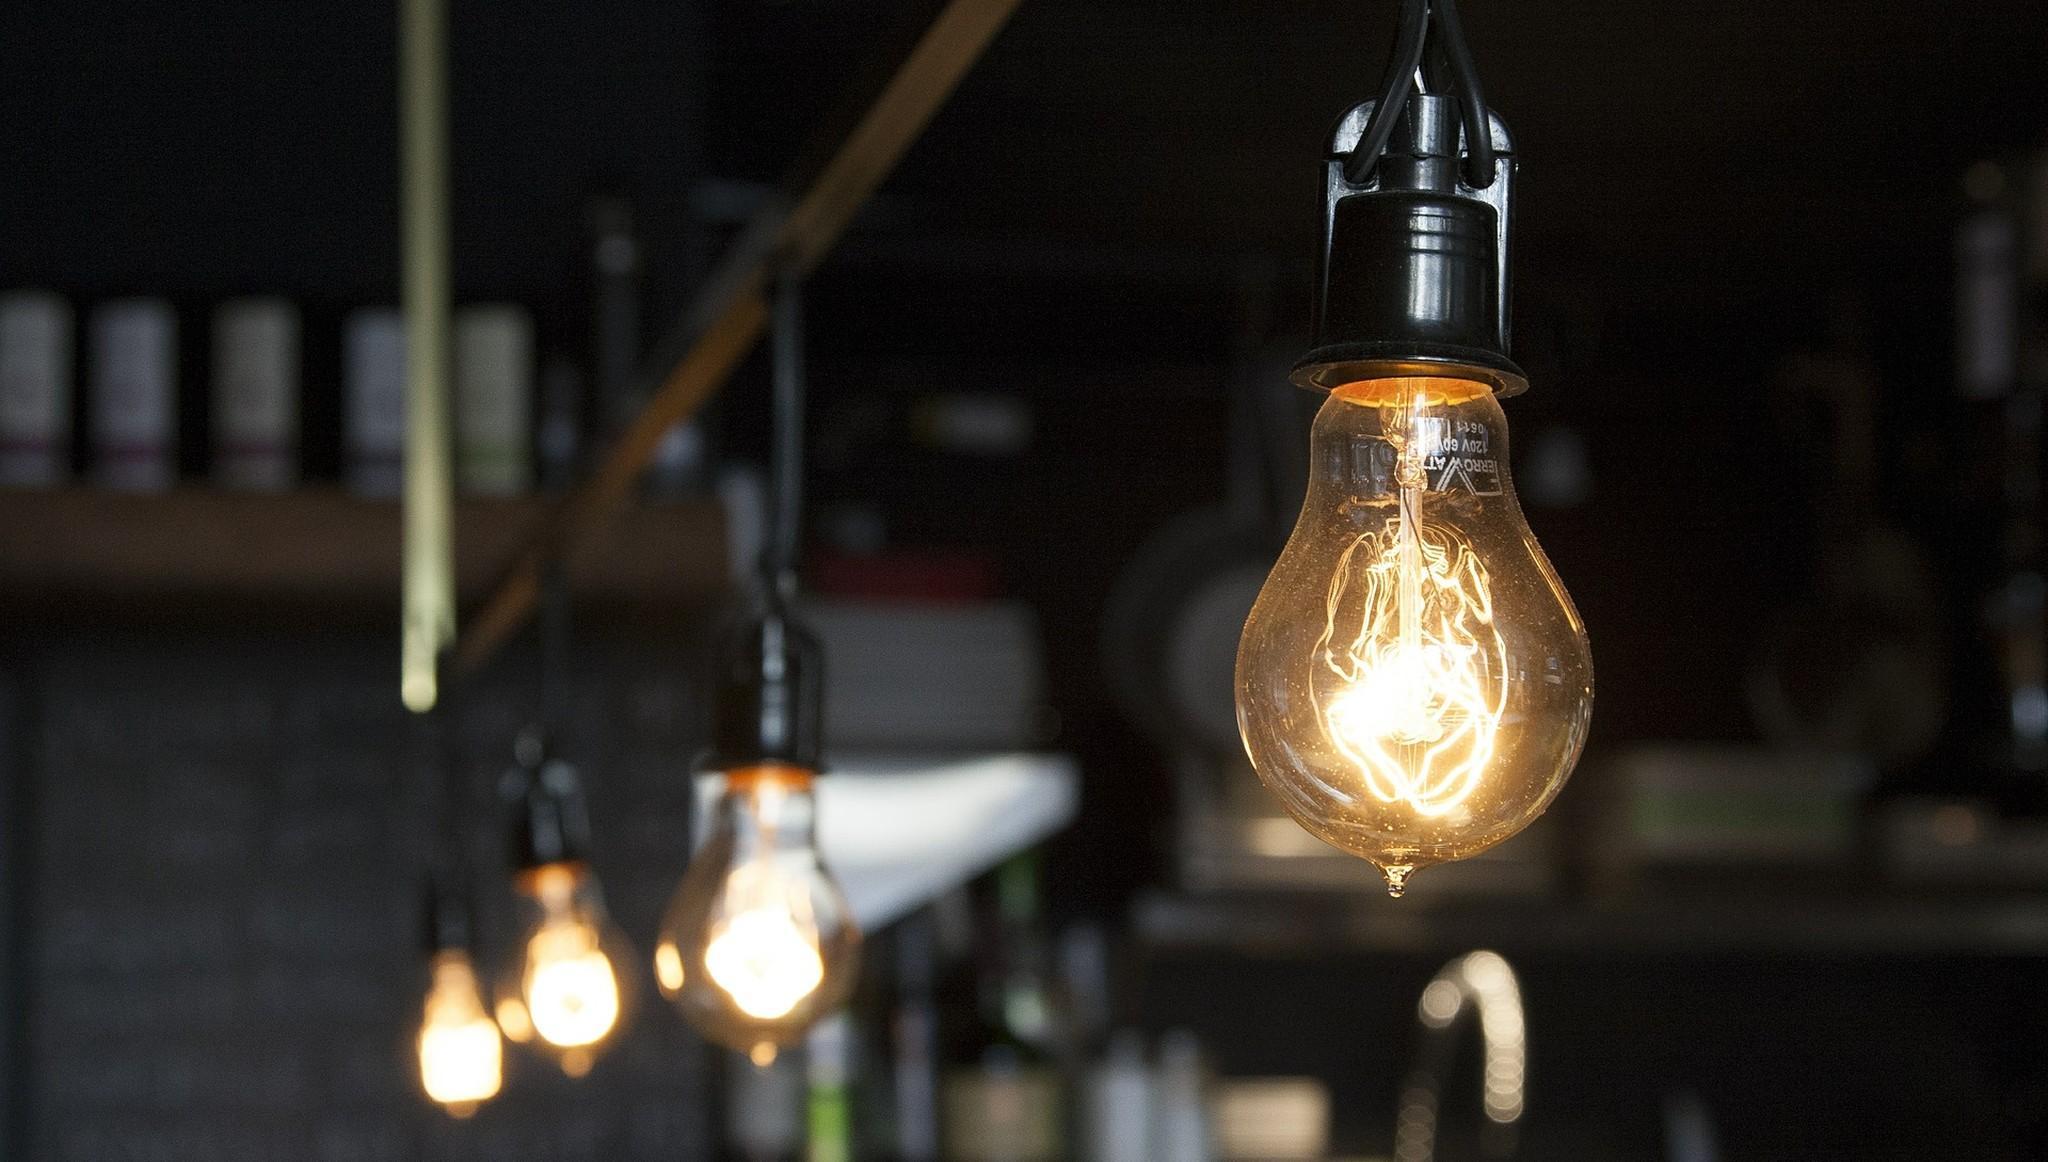 В России не планируют вводить повышенный тариф для населения за «перерасход» электроэнергии - новости Афанасий